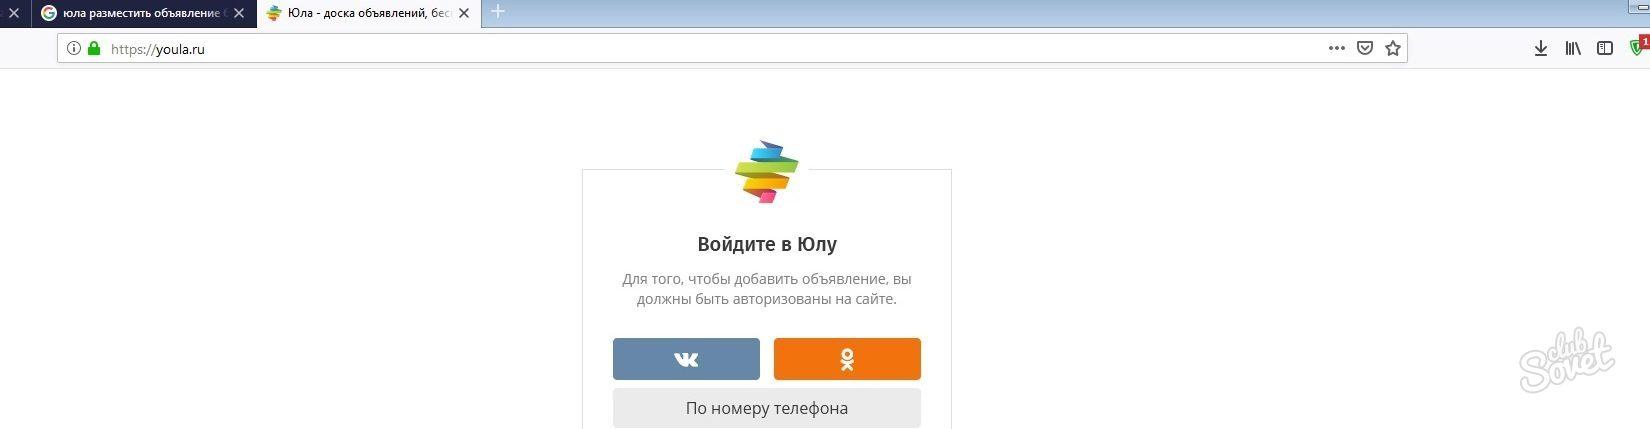 """ece656258272 ... 3 способа авторизации (через социальные сети """"Одноклассники"""",  """"Вконтакте"""" или с помощью номера телефона, на который придет смс с кодом  авторизации)"""